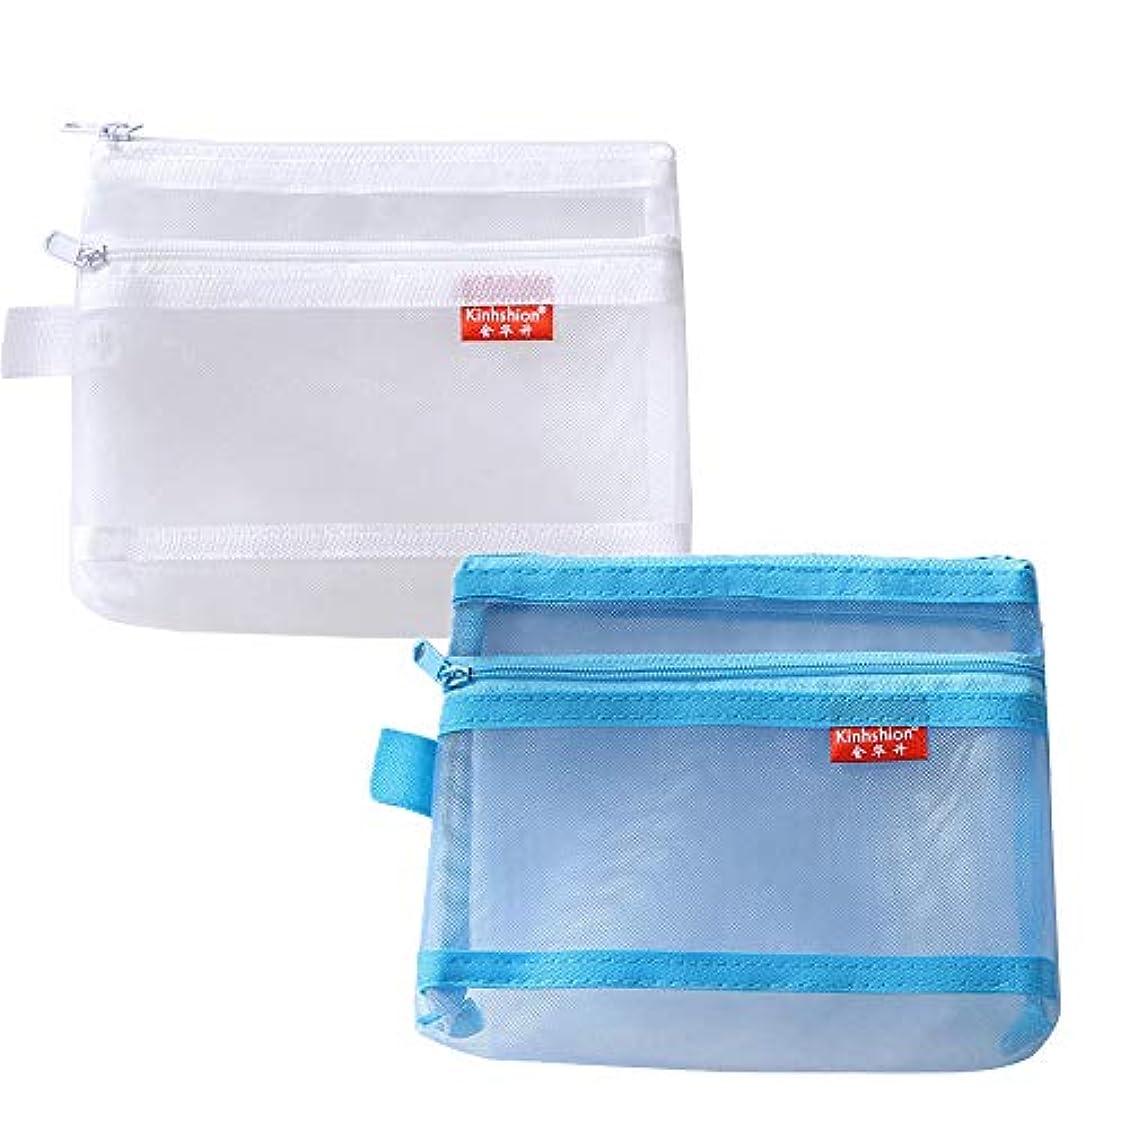 褒賞そこから理由メッシュジッパーポーチ二重層ジッパーバッグクリアポーチ小さなオーガナイザーバッグジッパーフォルダーバッグ化粧品バッグ旅行収納バッグ